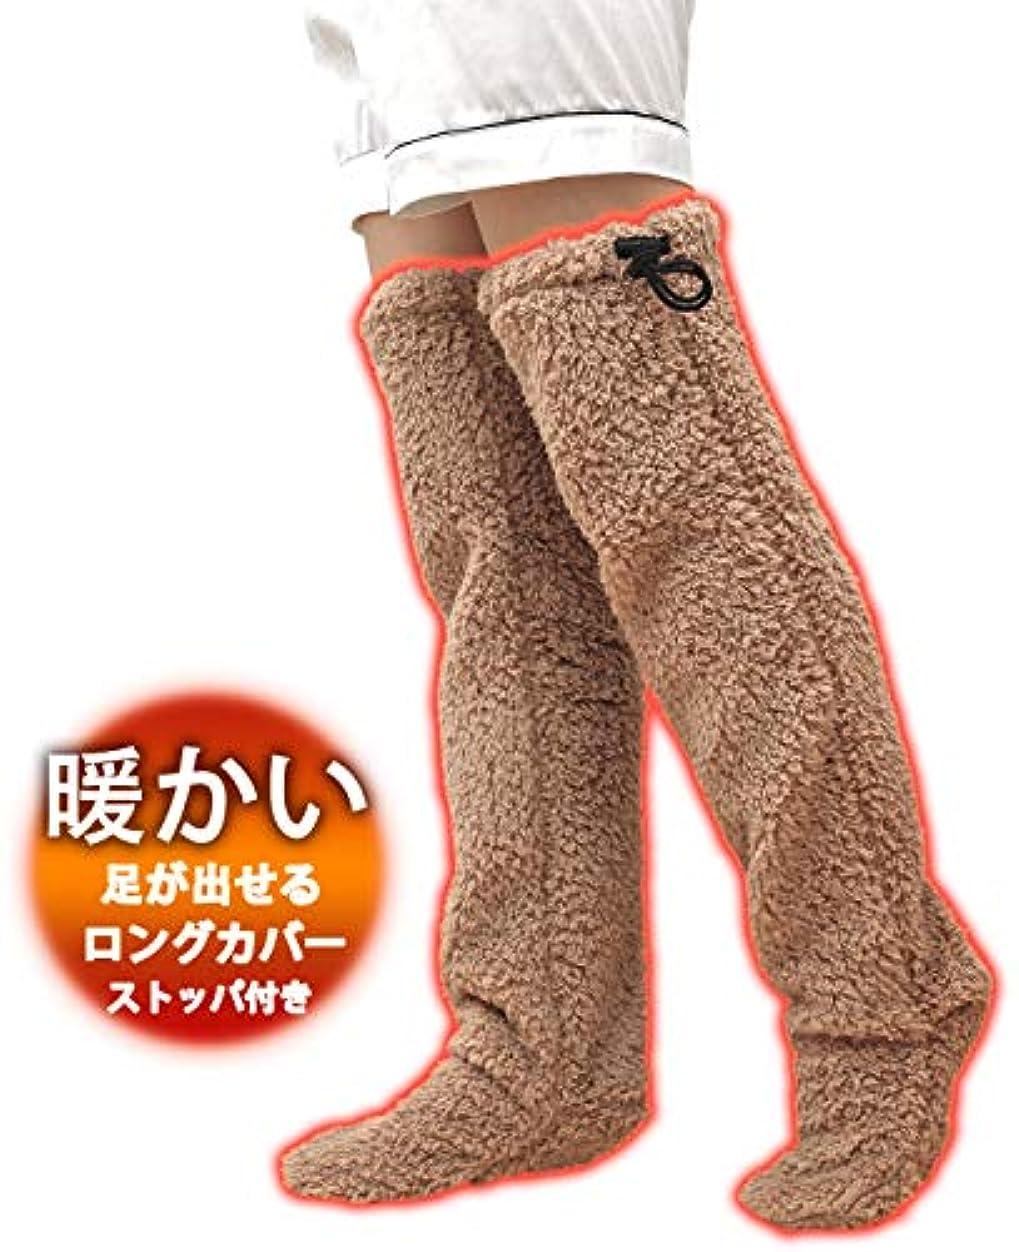 小数メンタリティラックPousutong 足が出せるロングカバー 極暖 ロングソックス ストッパー付き 足のサイズ23~25.5cm 長さ55cm 重さ310g ルームソックス ポリエステル 冷え対策 男女兼用